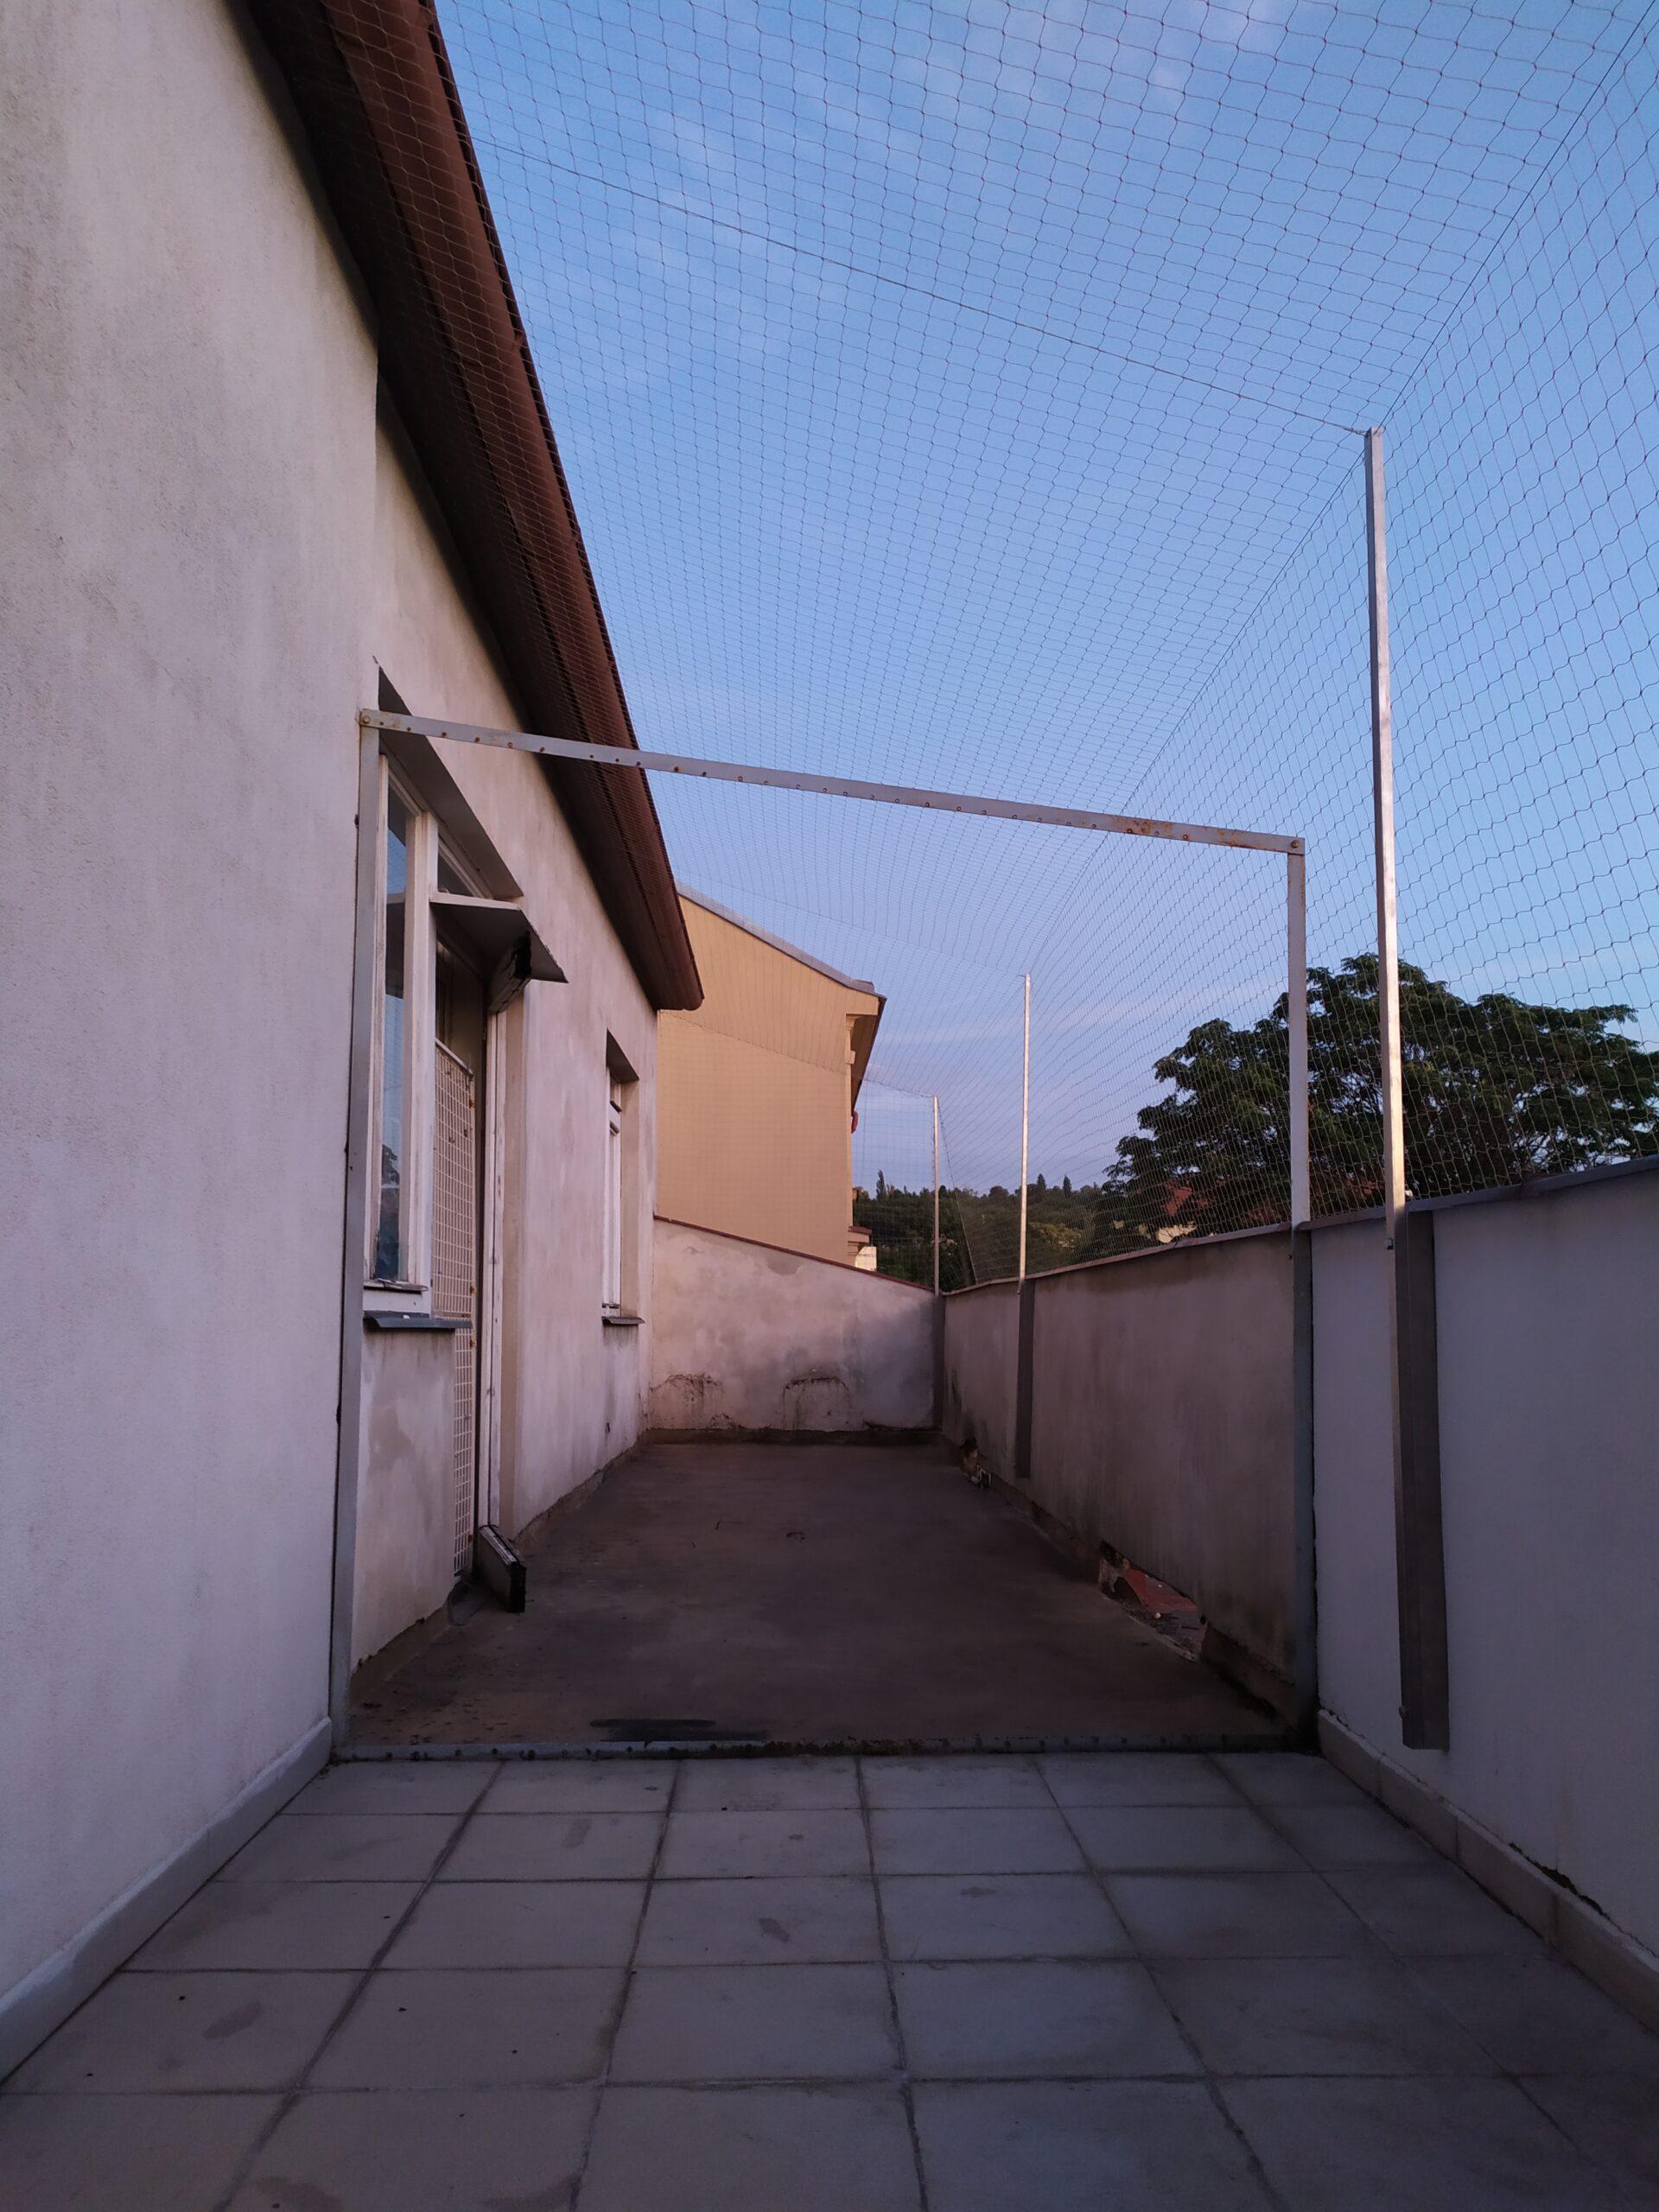 Instalace sítě proti holubům v Praze